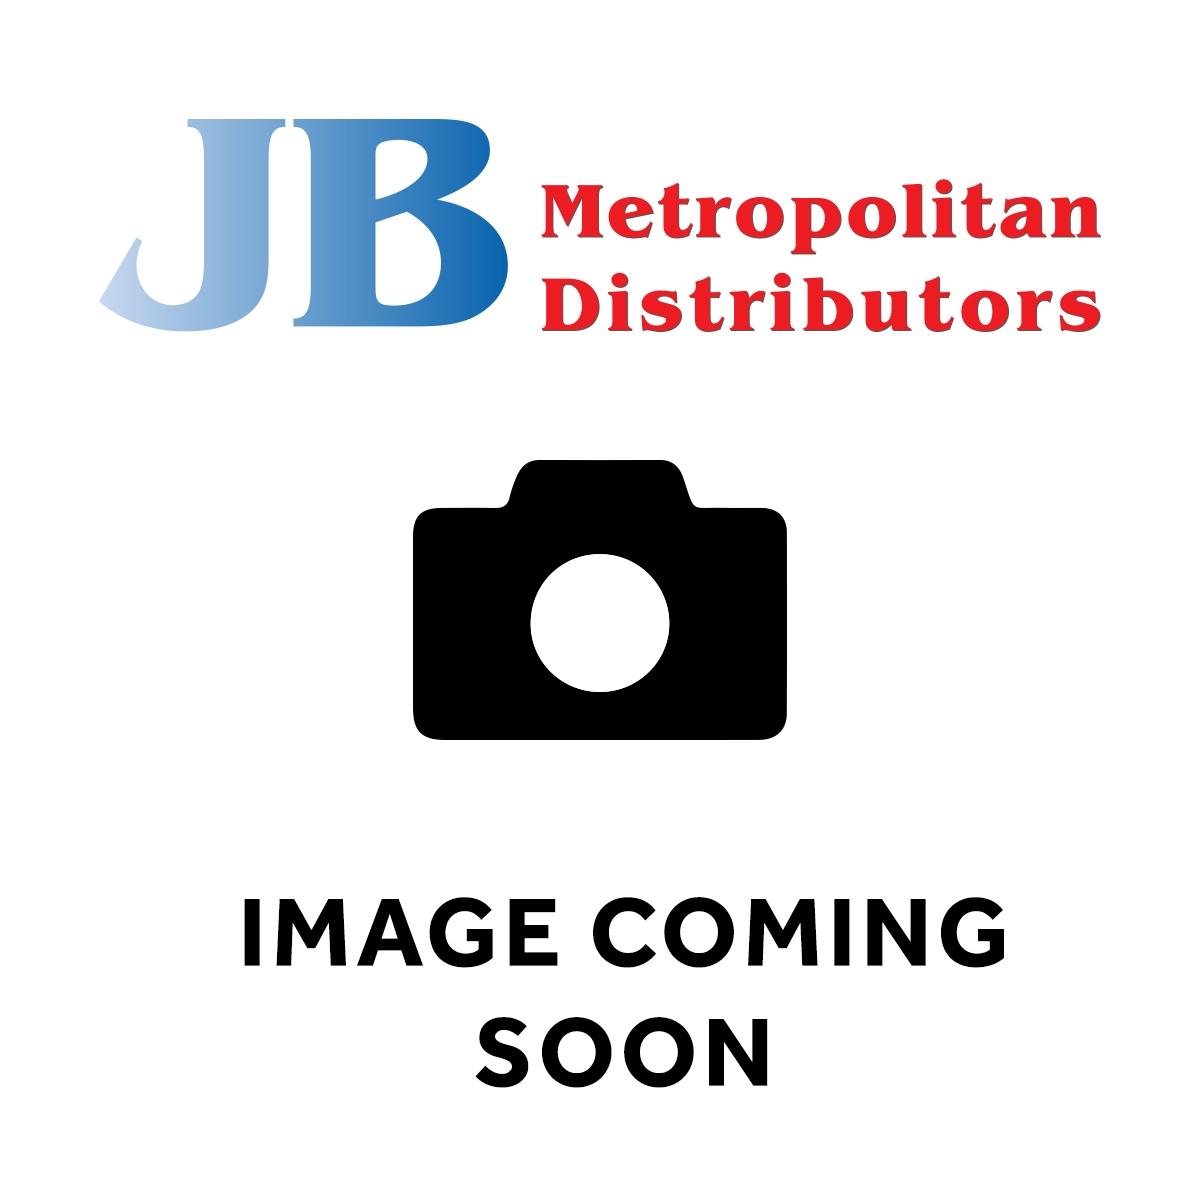 MAINLAND BUTTERSOFT BUTTER SALTED 250G